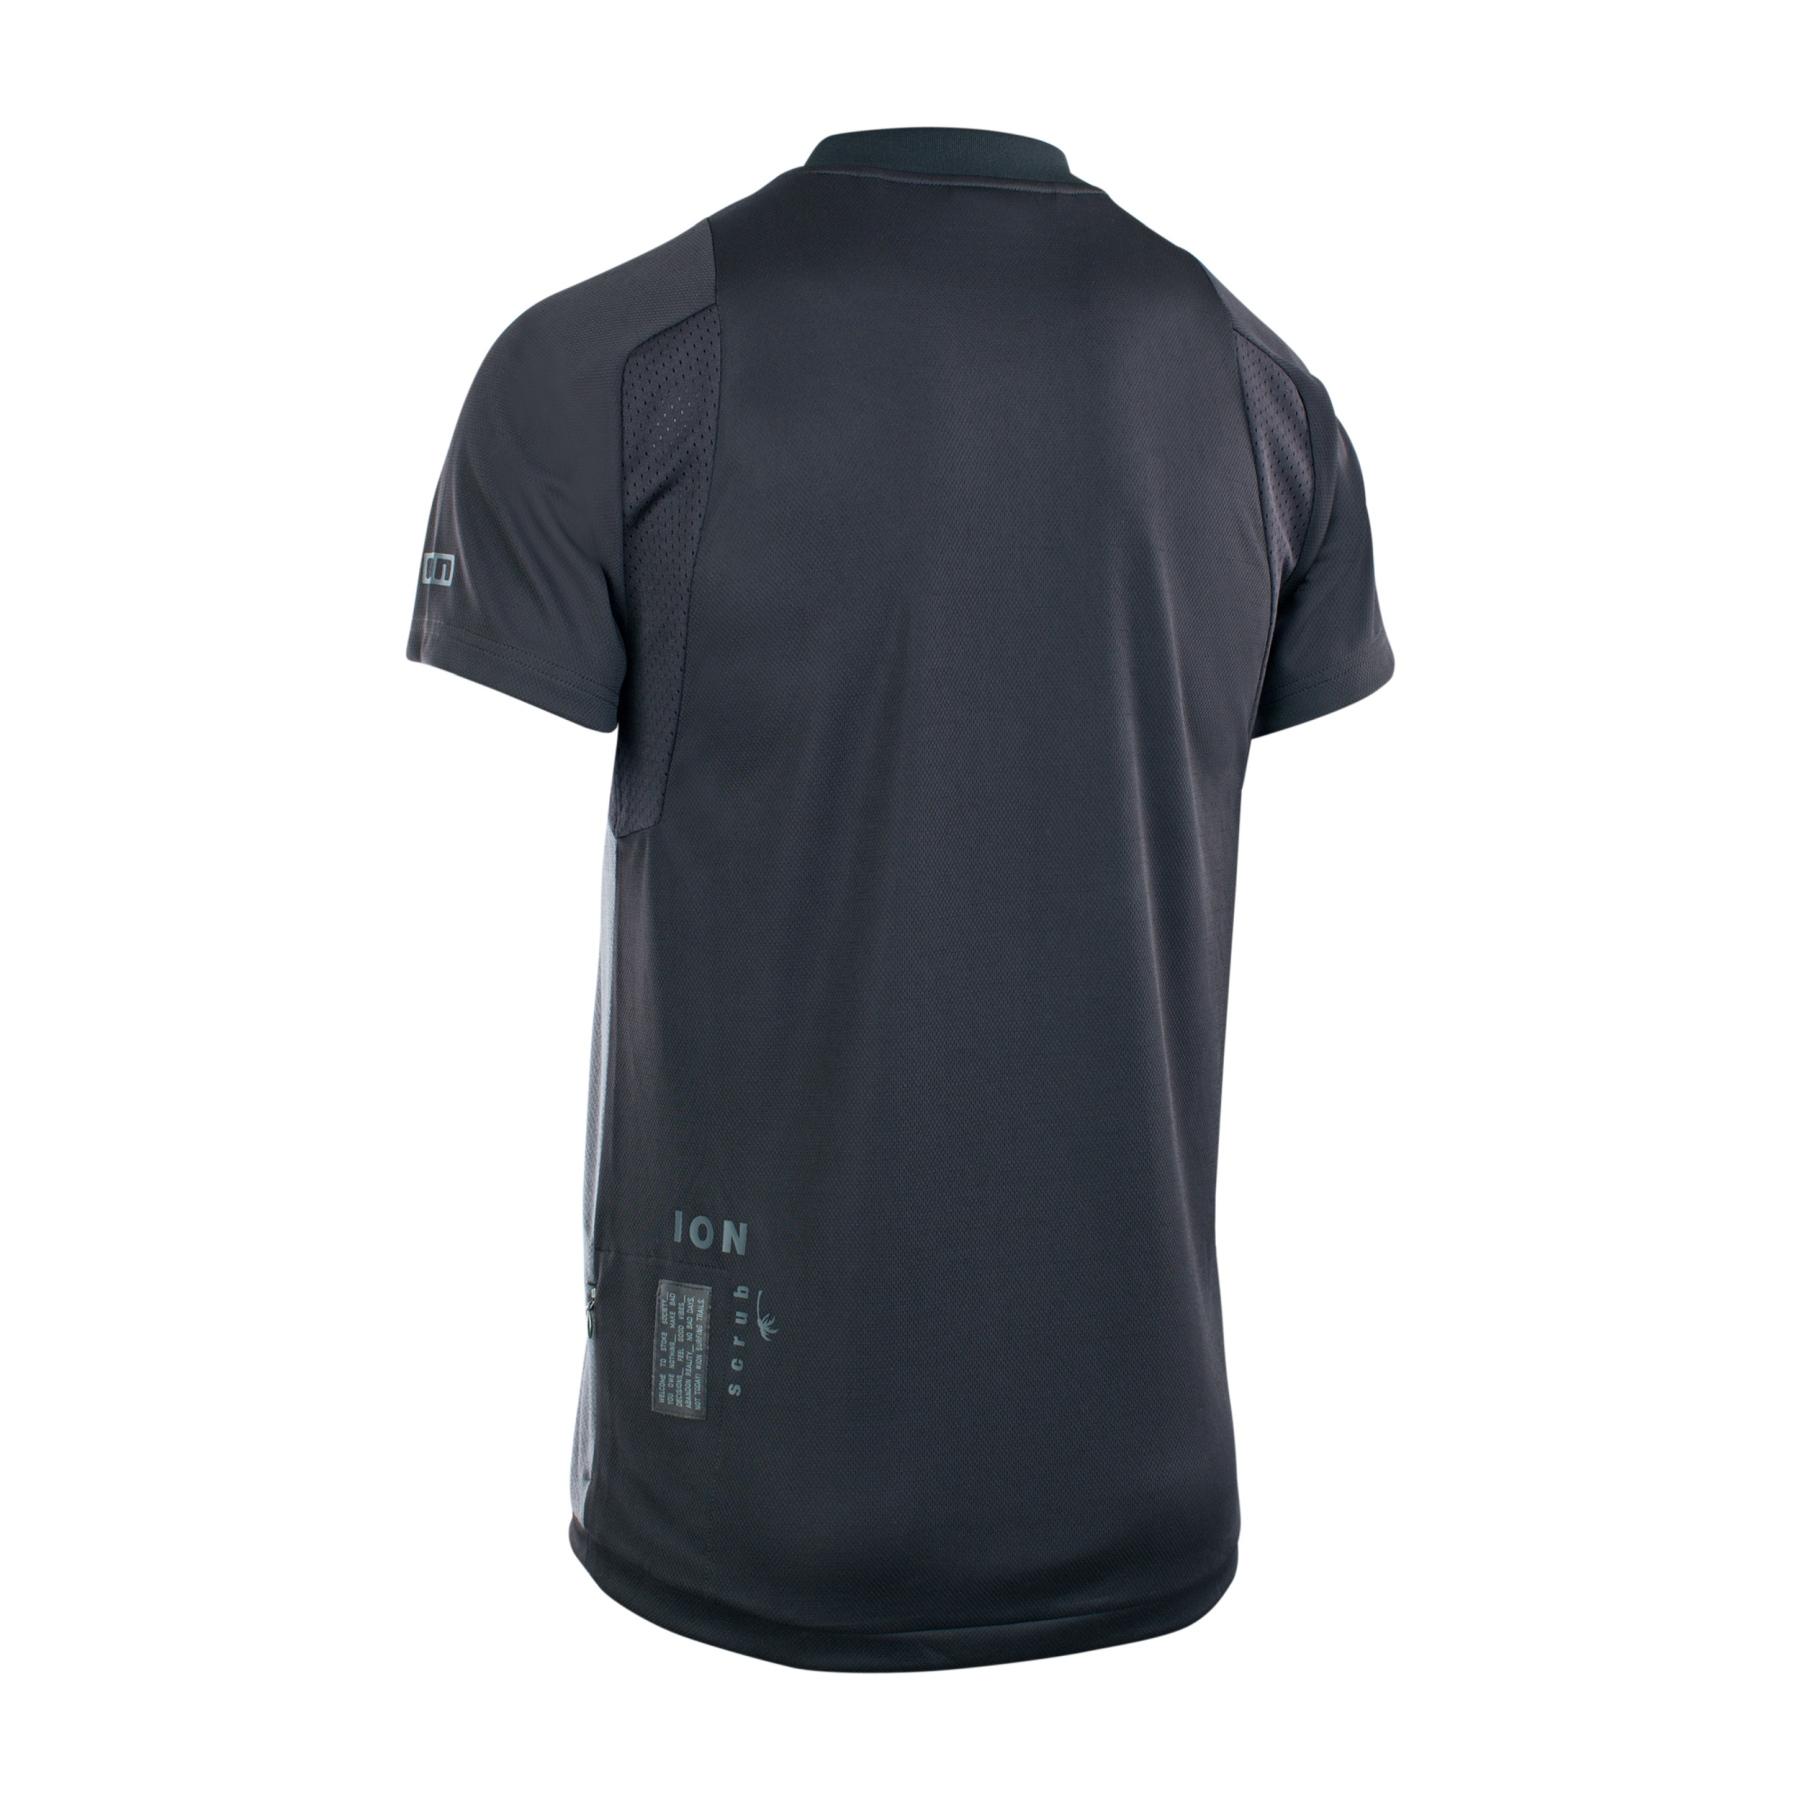 Bild von ION Bike T-Shirt Scrub Amp - Black